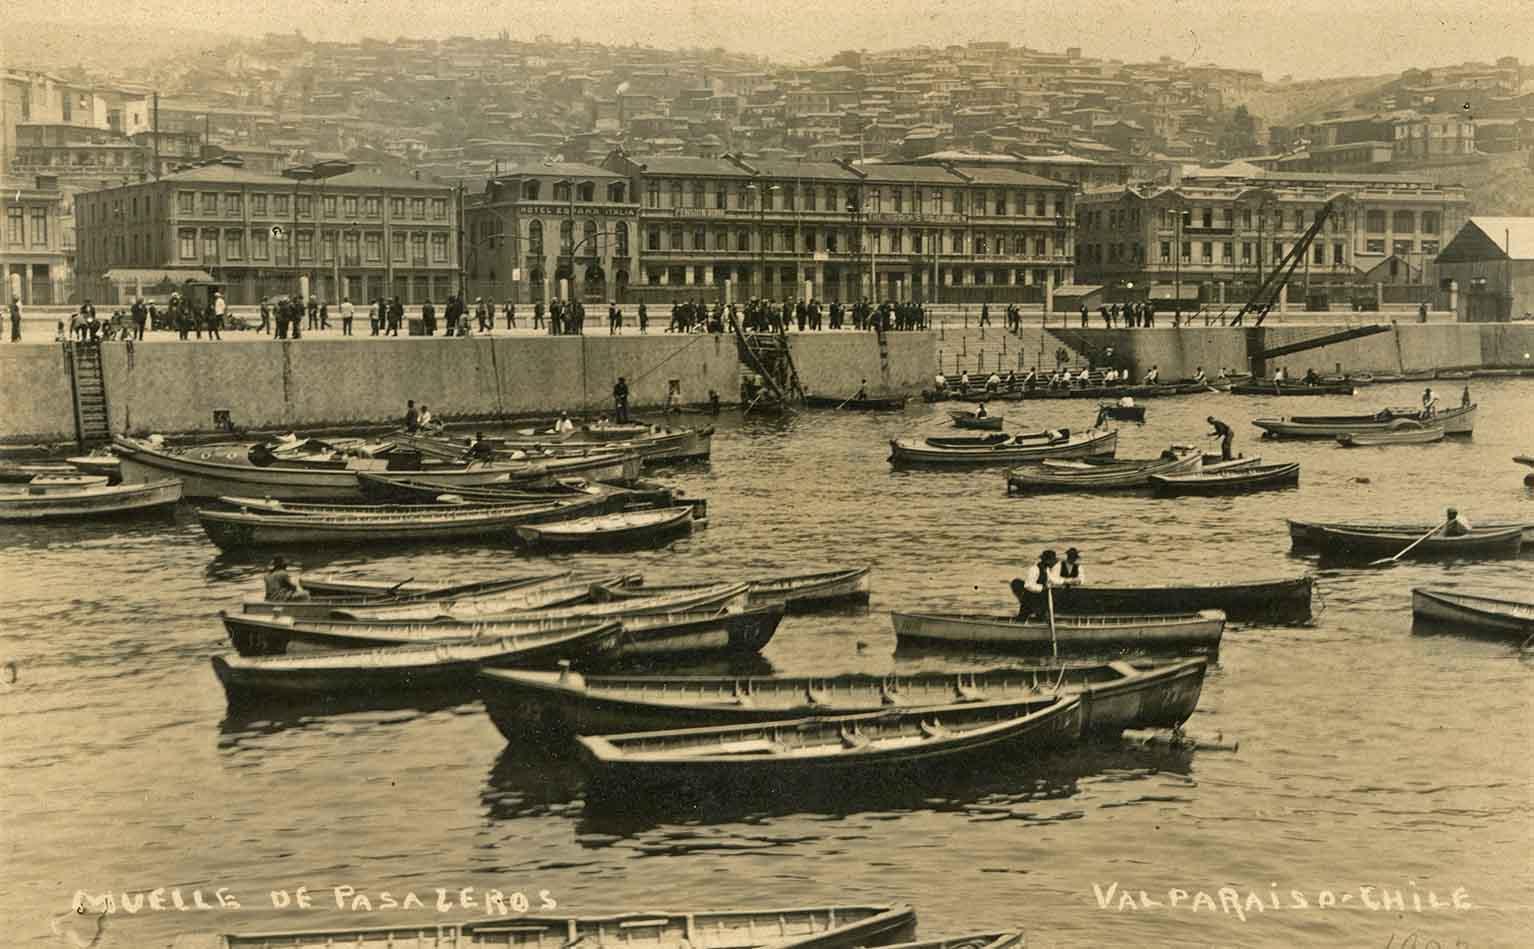 Enterreno - Fotos históricas de chile - fotos antiguas de Chile - Muelle de pasajeros de Valparaíso en 1923